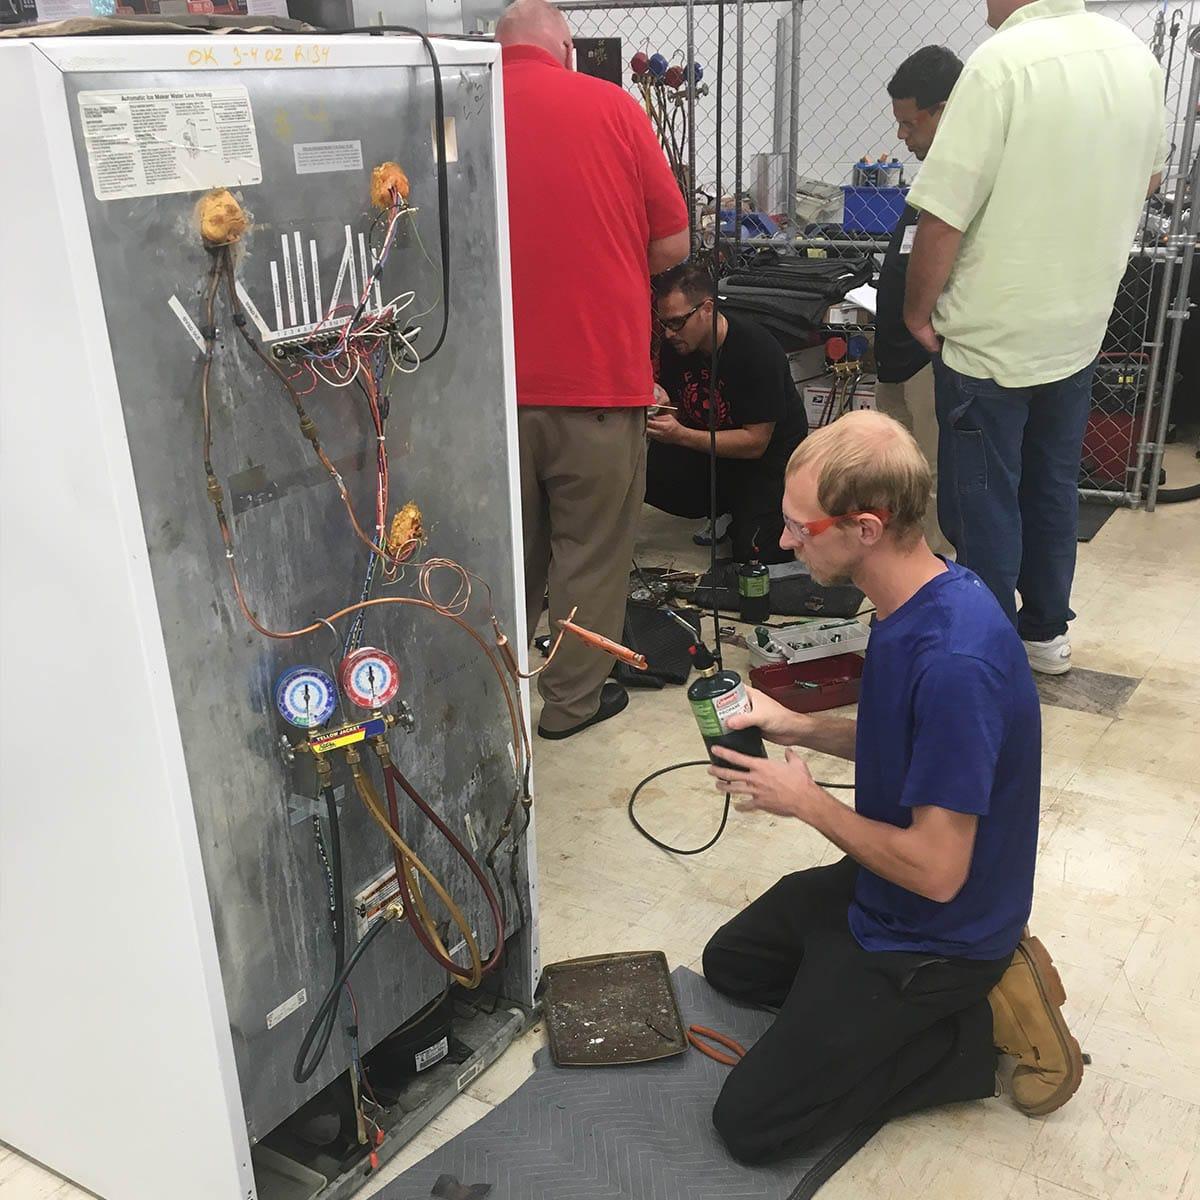 Single Week Course - Basic Refrigeration